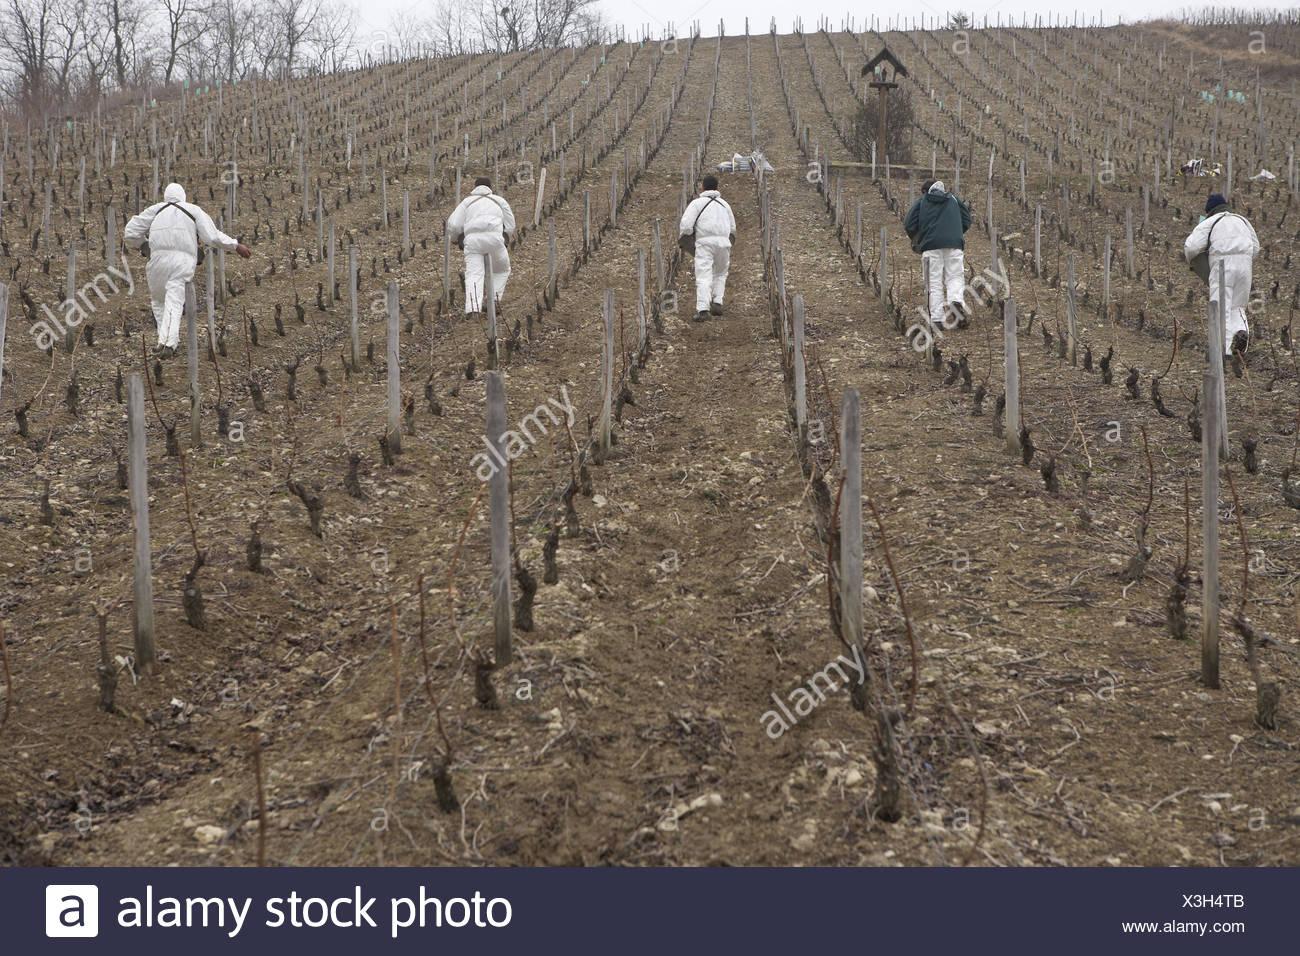 France, Loire, Sancerre, vineyard, men, work in the fields, scenery, wine area, wine region, viticulture, wine-growing area, wine-growing area, plant fertilizer, men, people, fertilising, wine, vines, vines, wine fertilizers, winters, protection of plants - Stock Image